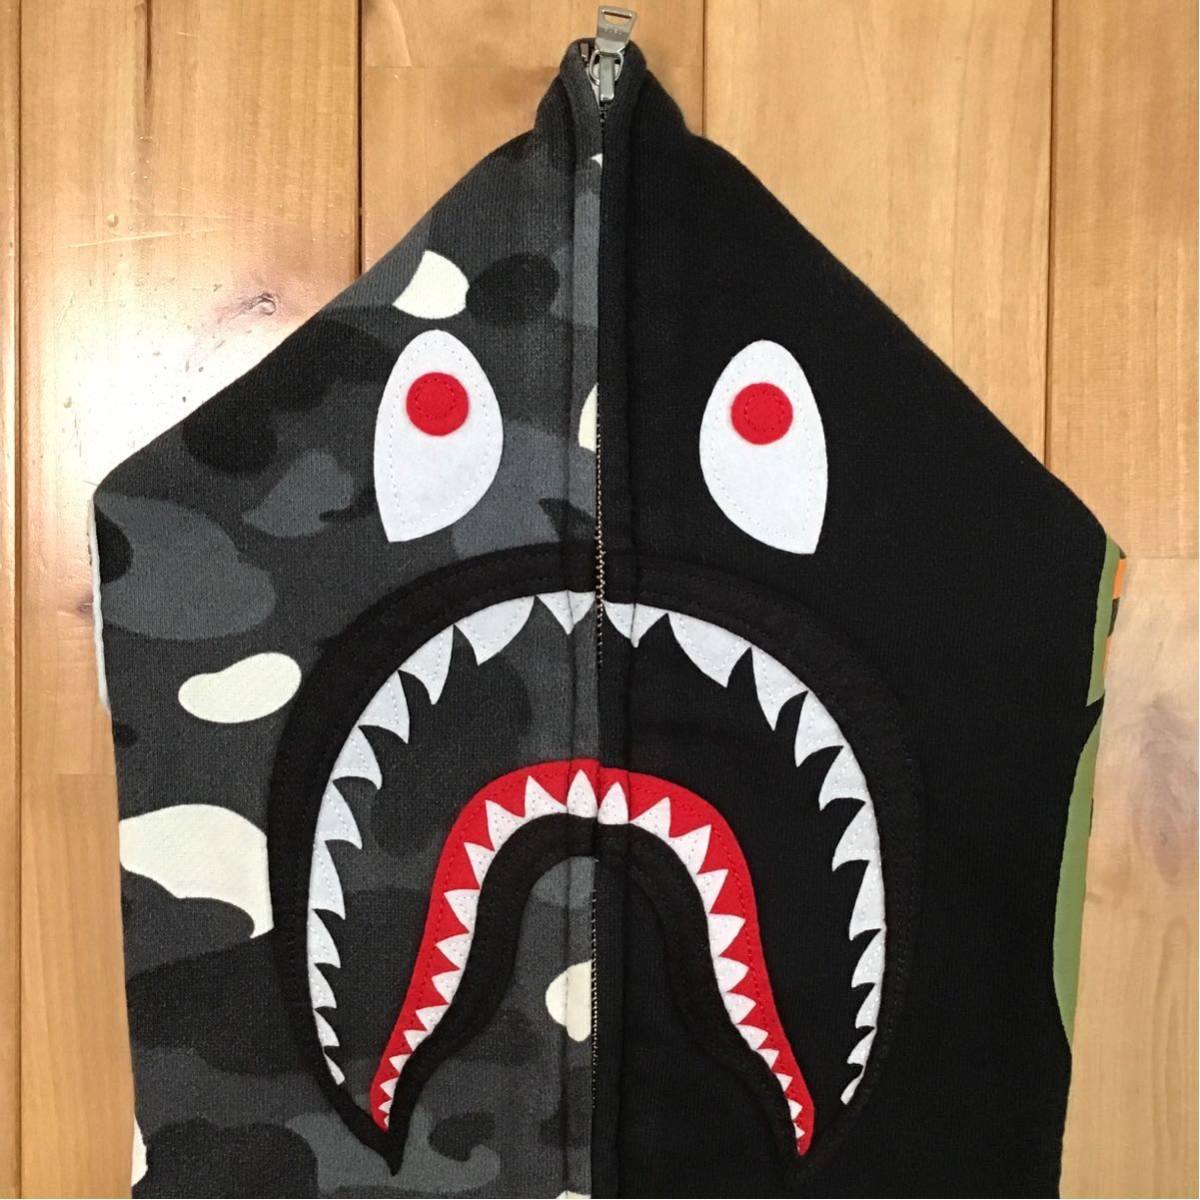 ★蓄光★ city camo シャーク パーカー Sサイズ shark full zip hoodie a bathing ape bape エイプ ベイプ アベイシングエイプ 迷彩 aj21